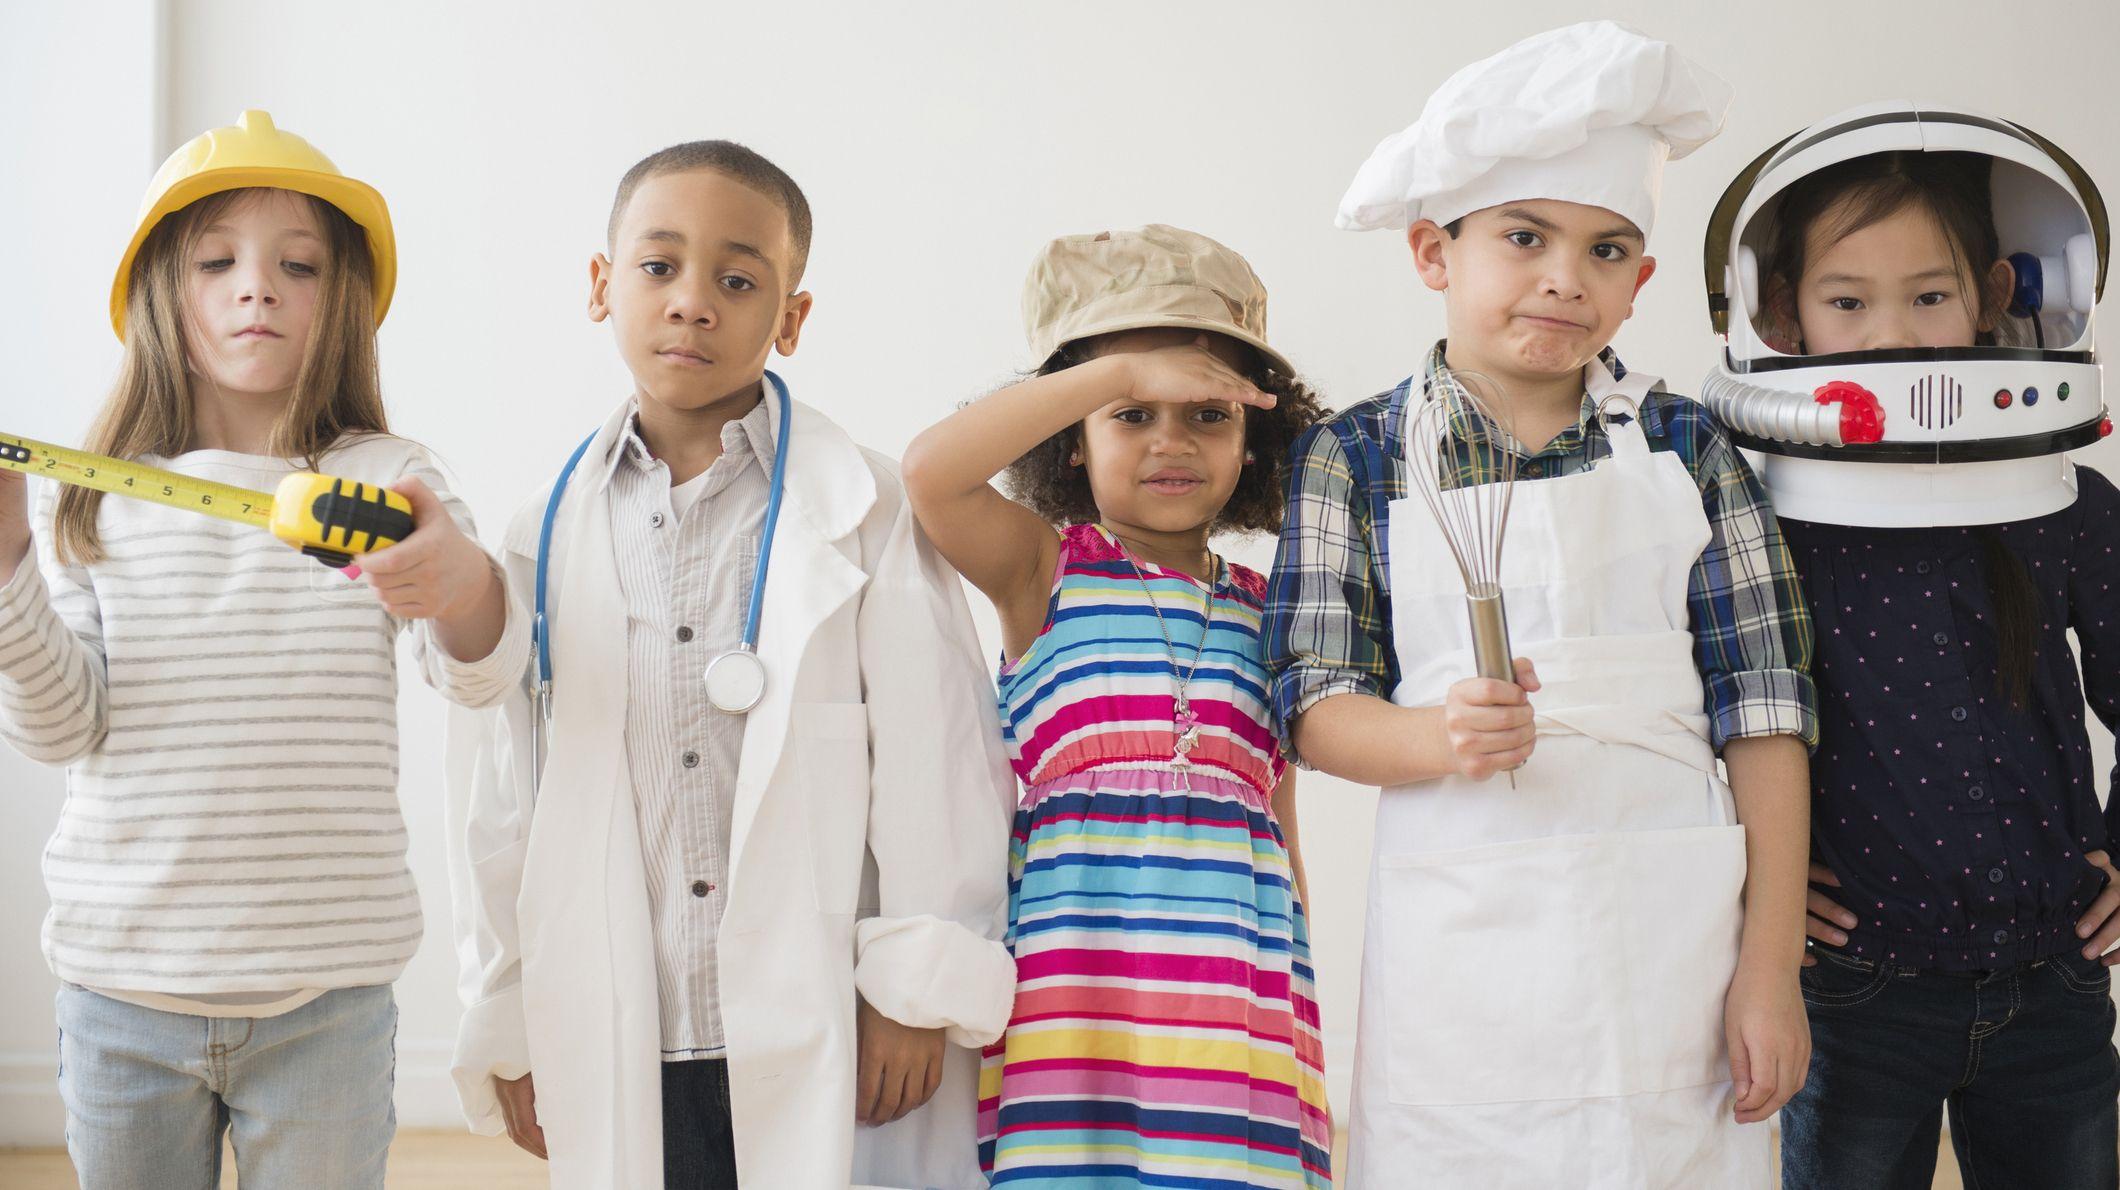 Будущее картинки детей